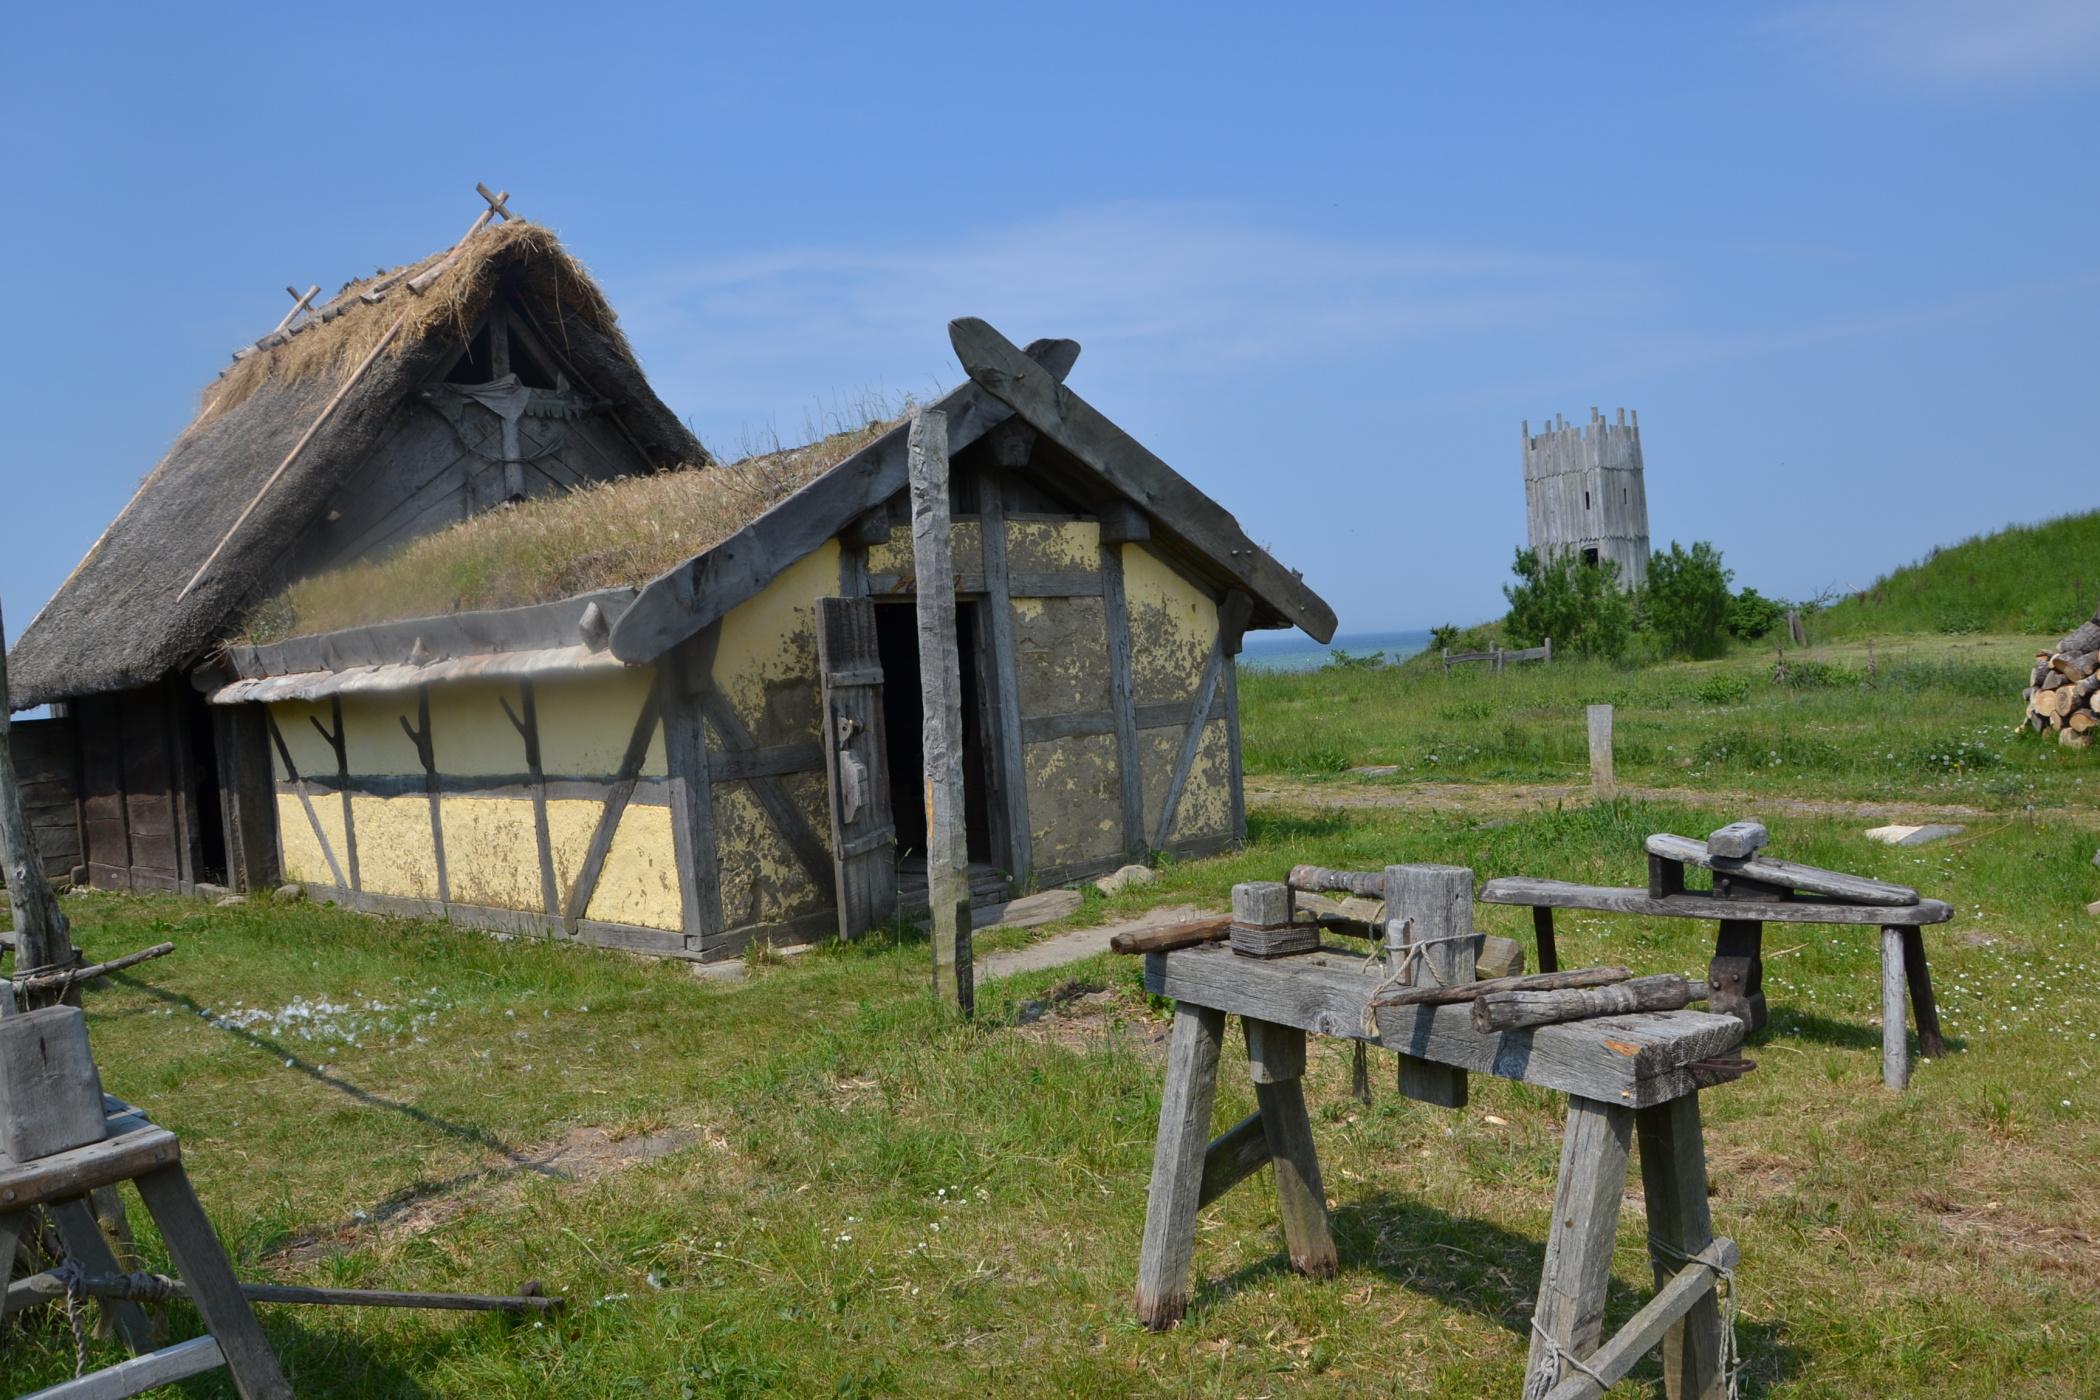 Foteviken - věrná replika vesnice z vikingských dob